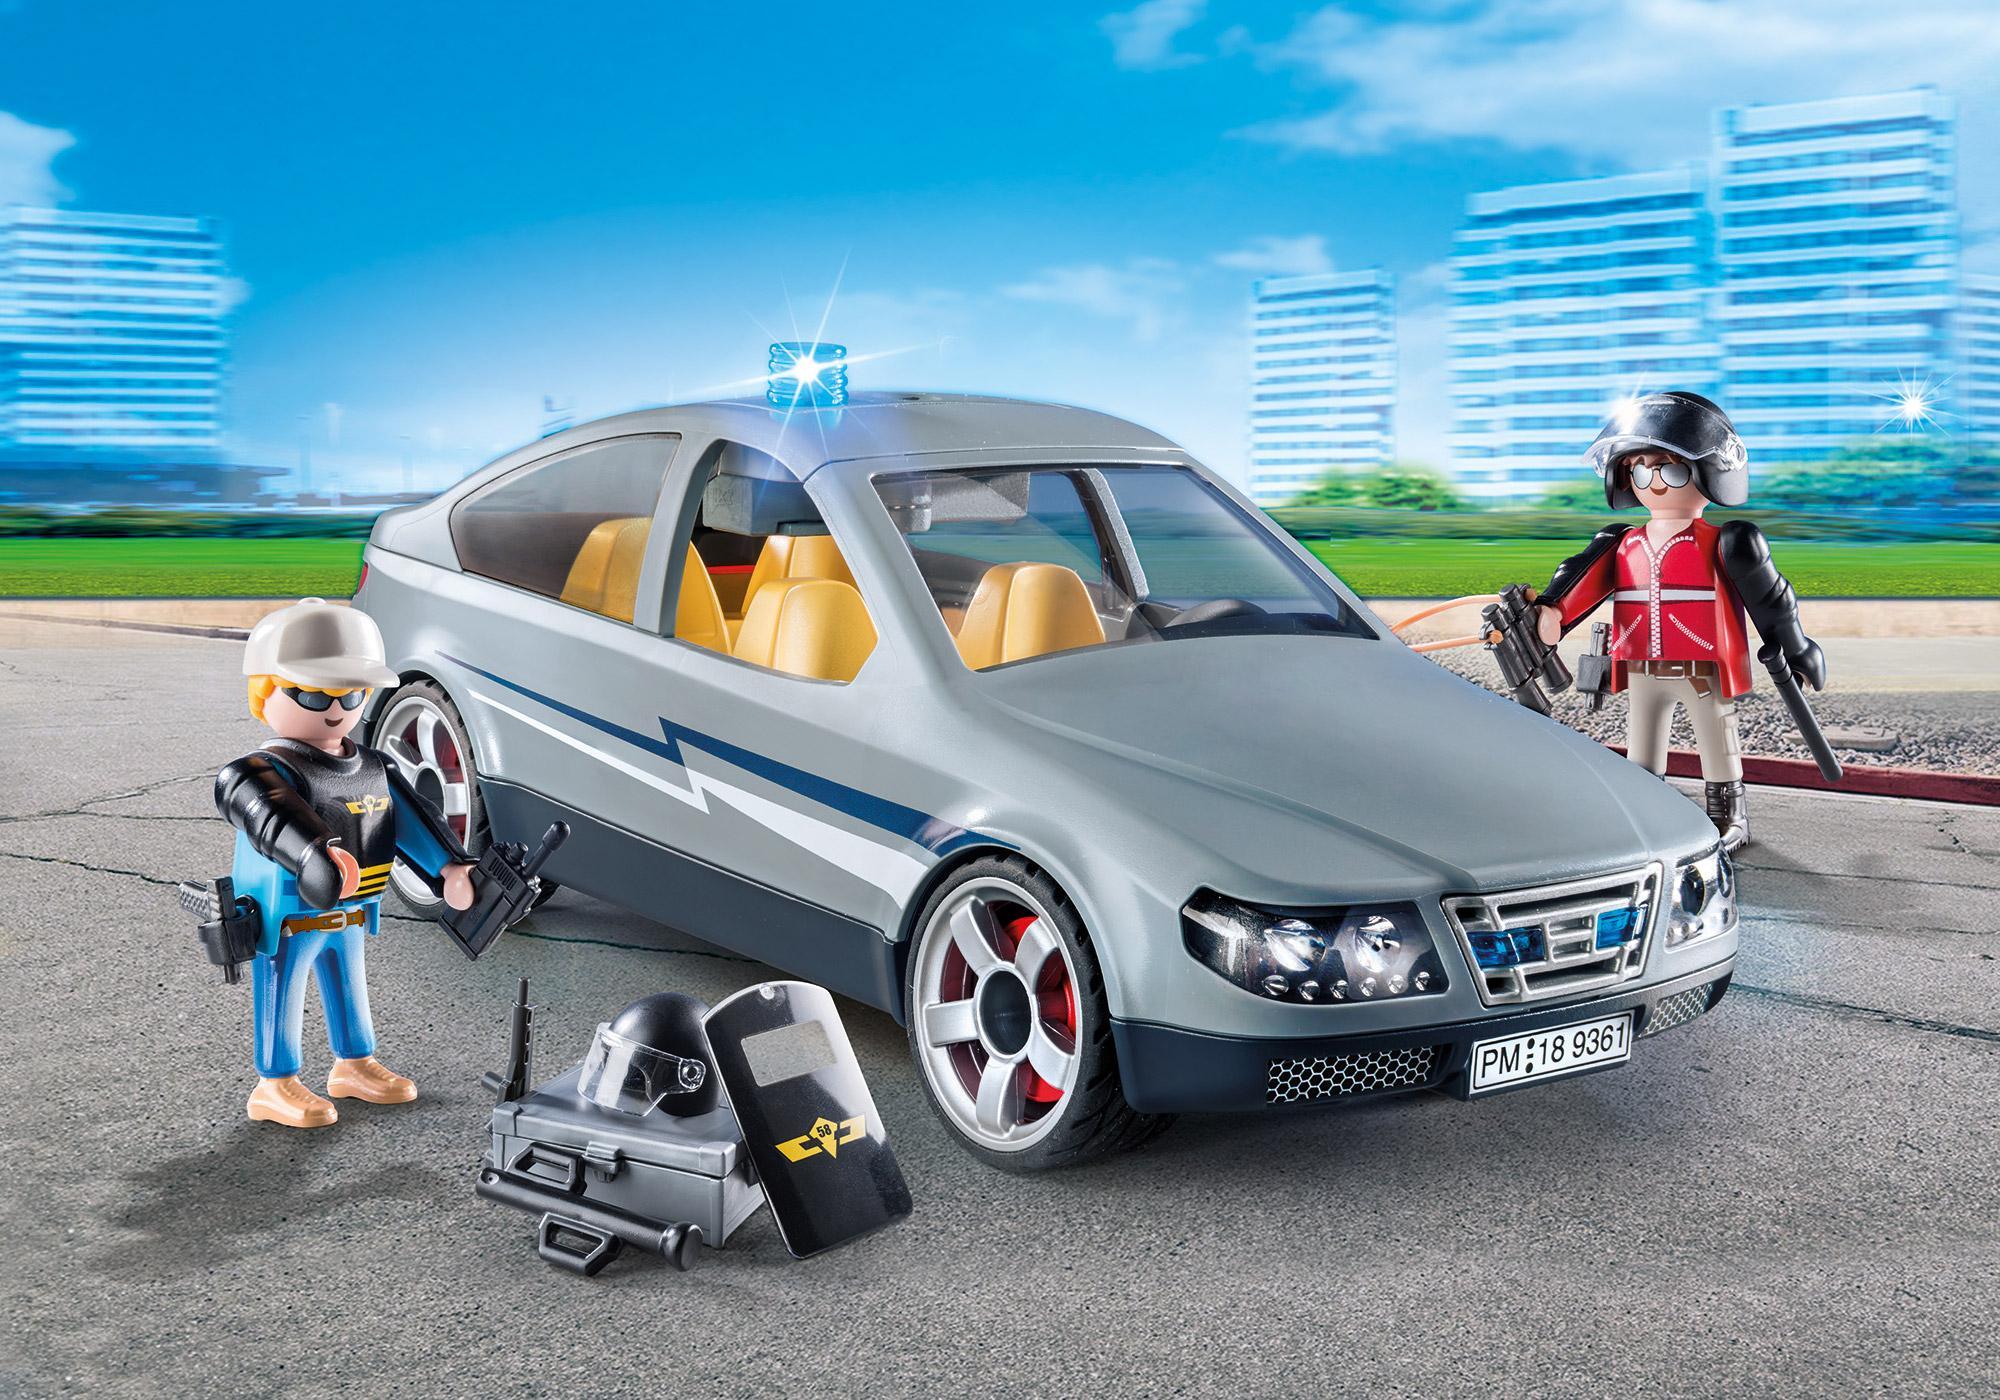 http://media.playmobil.com/i/playmobil/9361_product_detail/Αυτοκίνητο Μονάδας Ειδικών Αποστολών